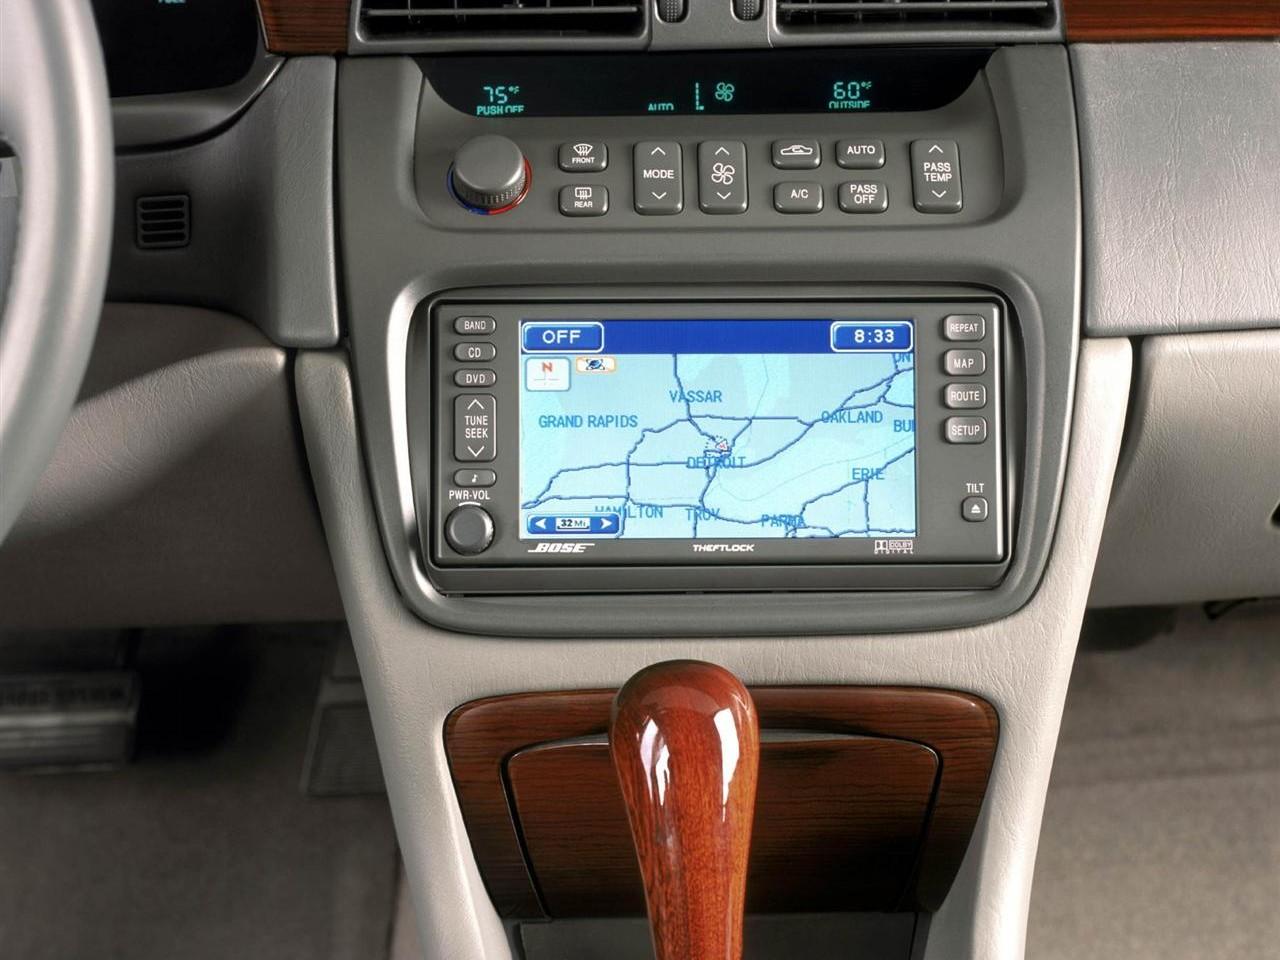 2002 Cadillac DTS 5